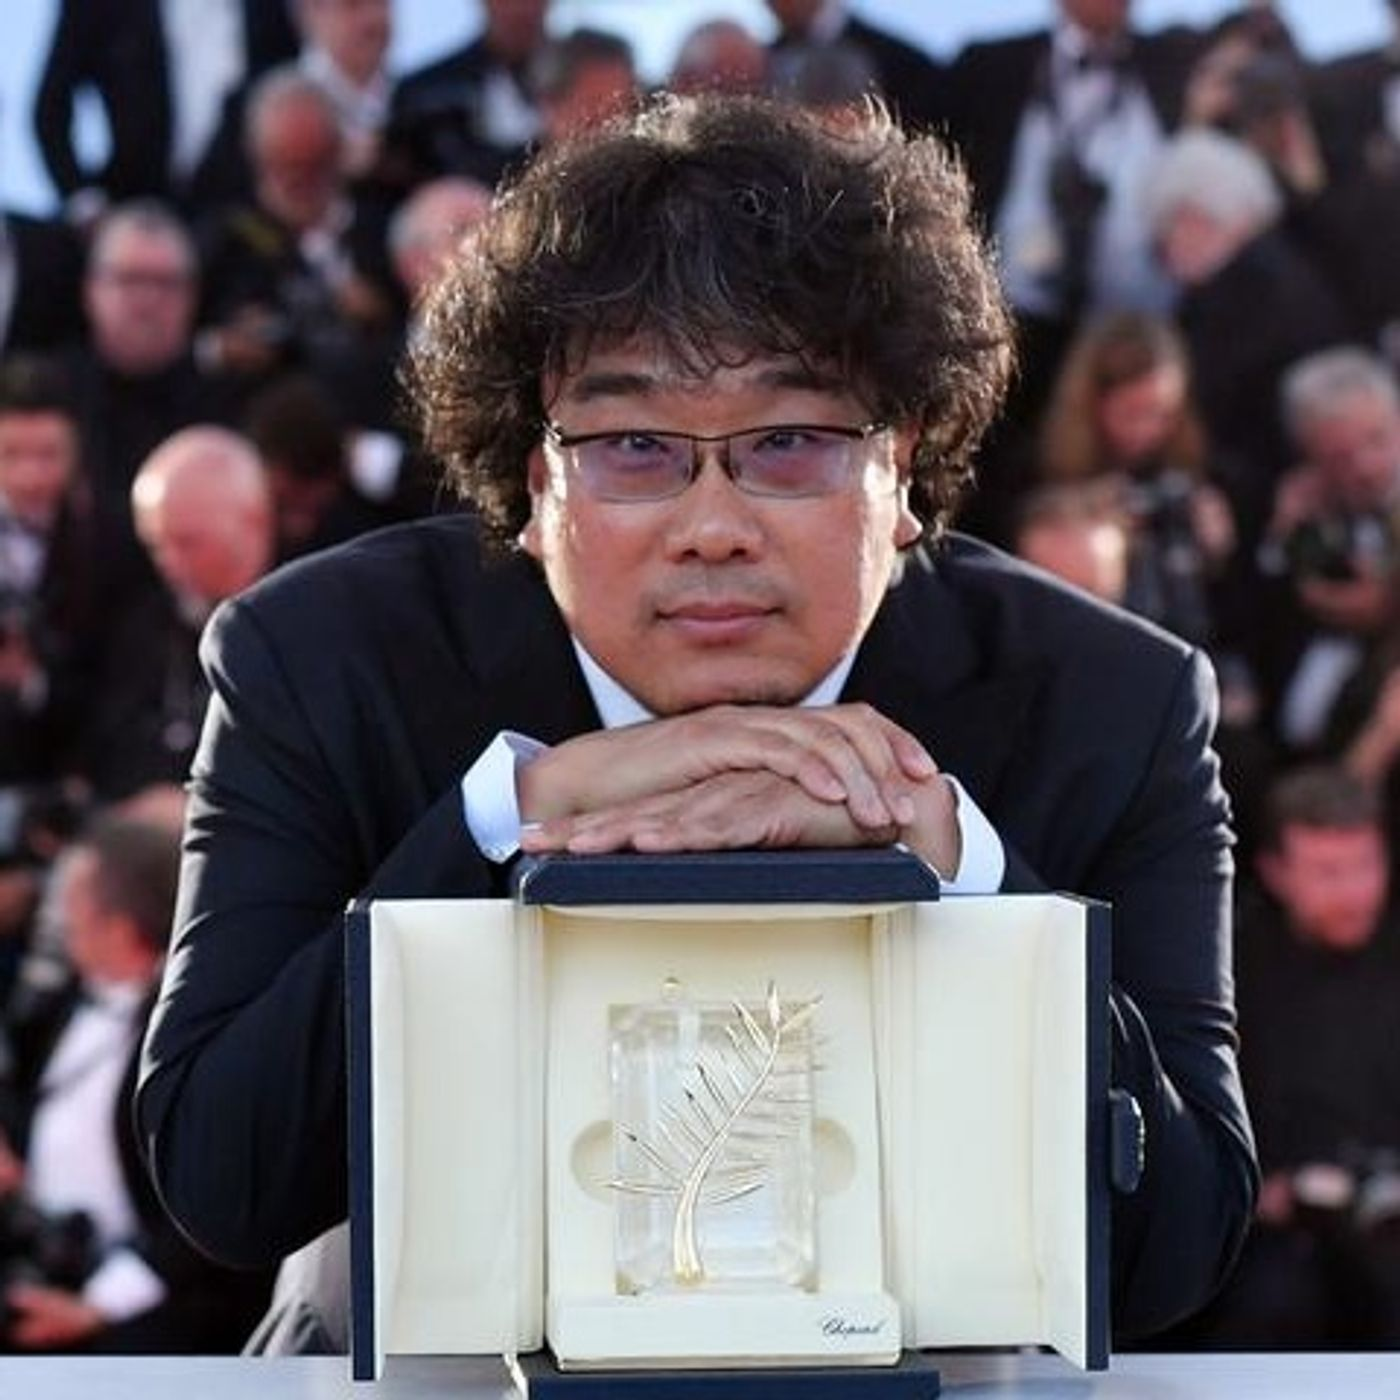 #64 - As melhores e as piores Palmas de Ouro em Cannes